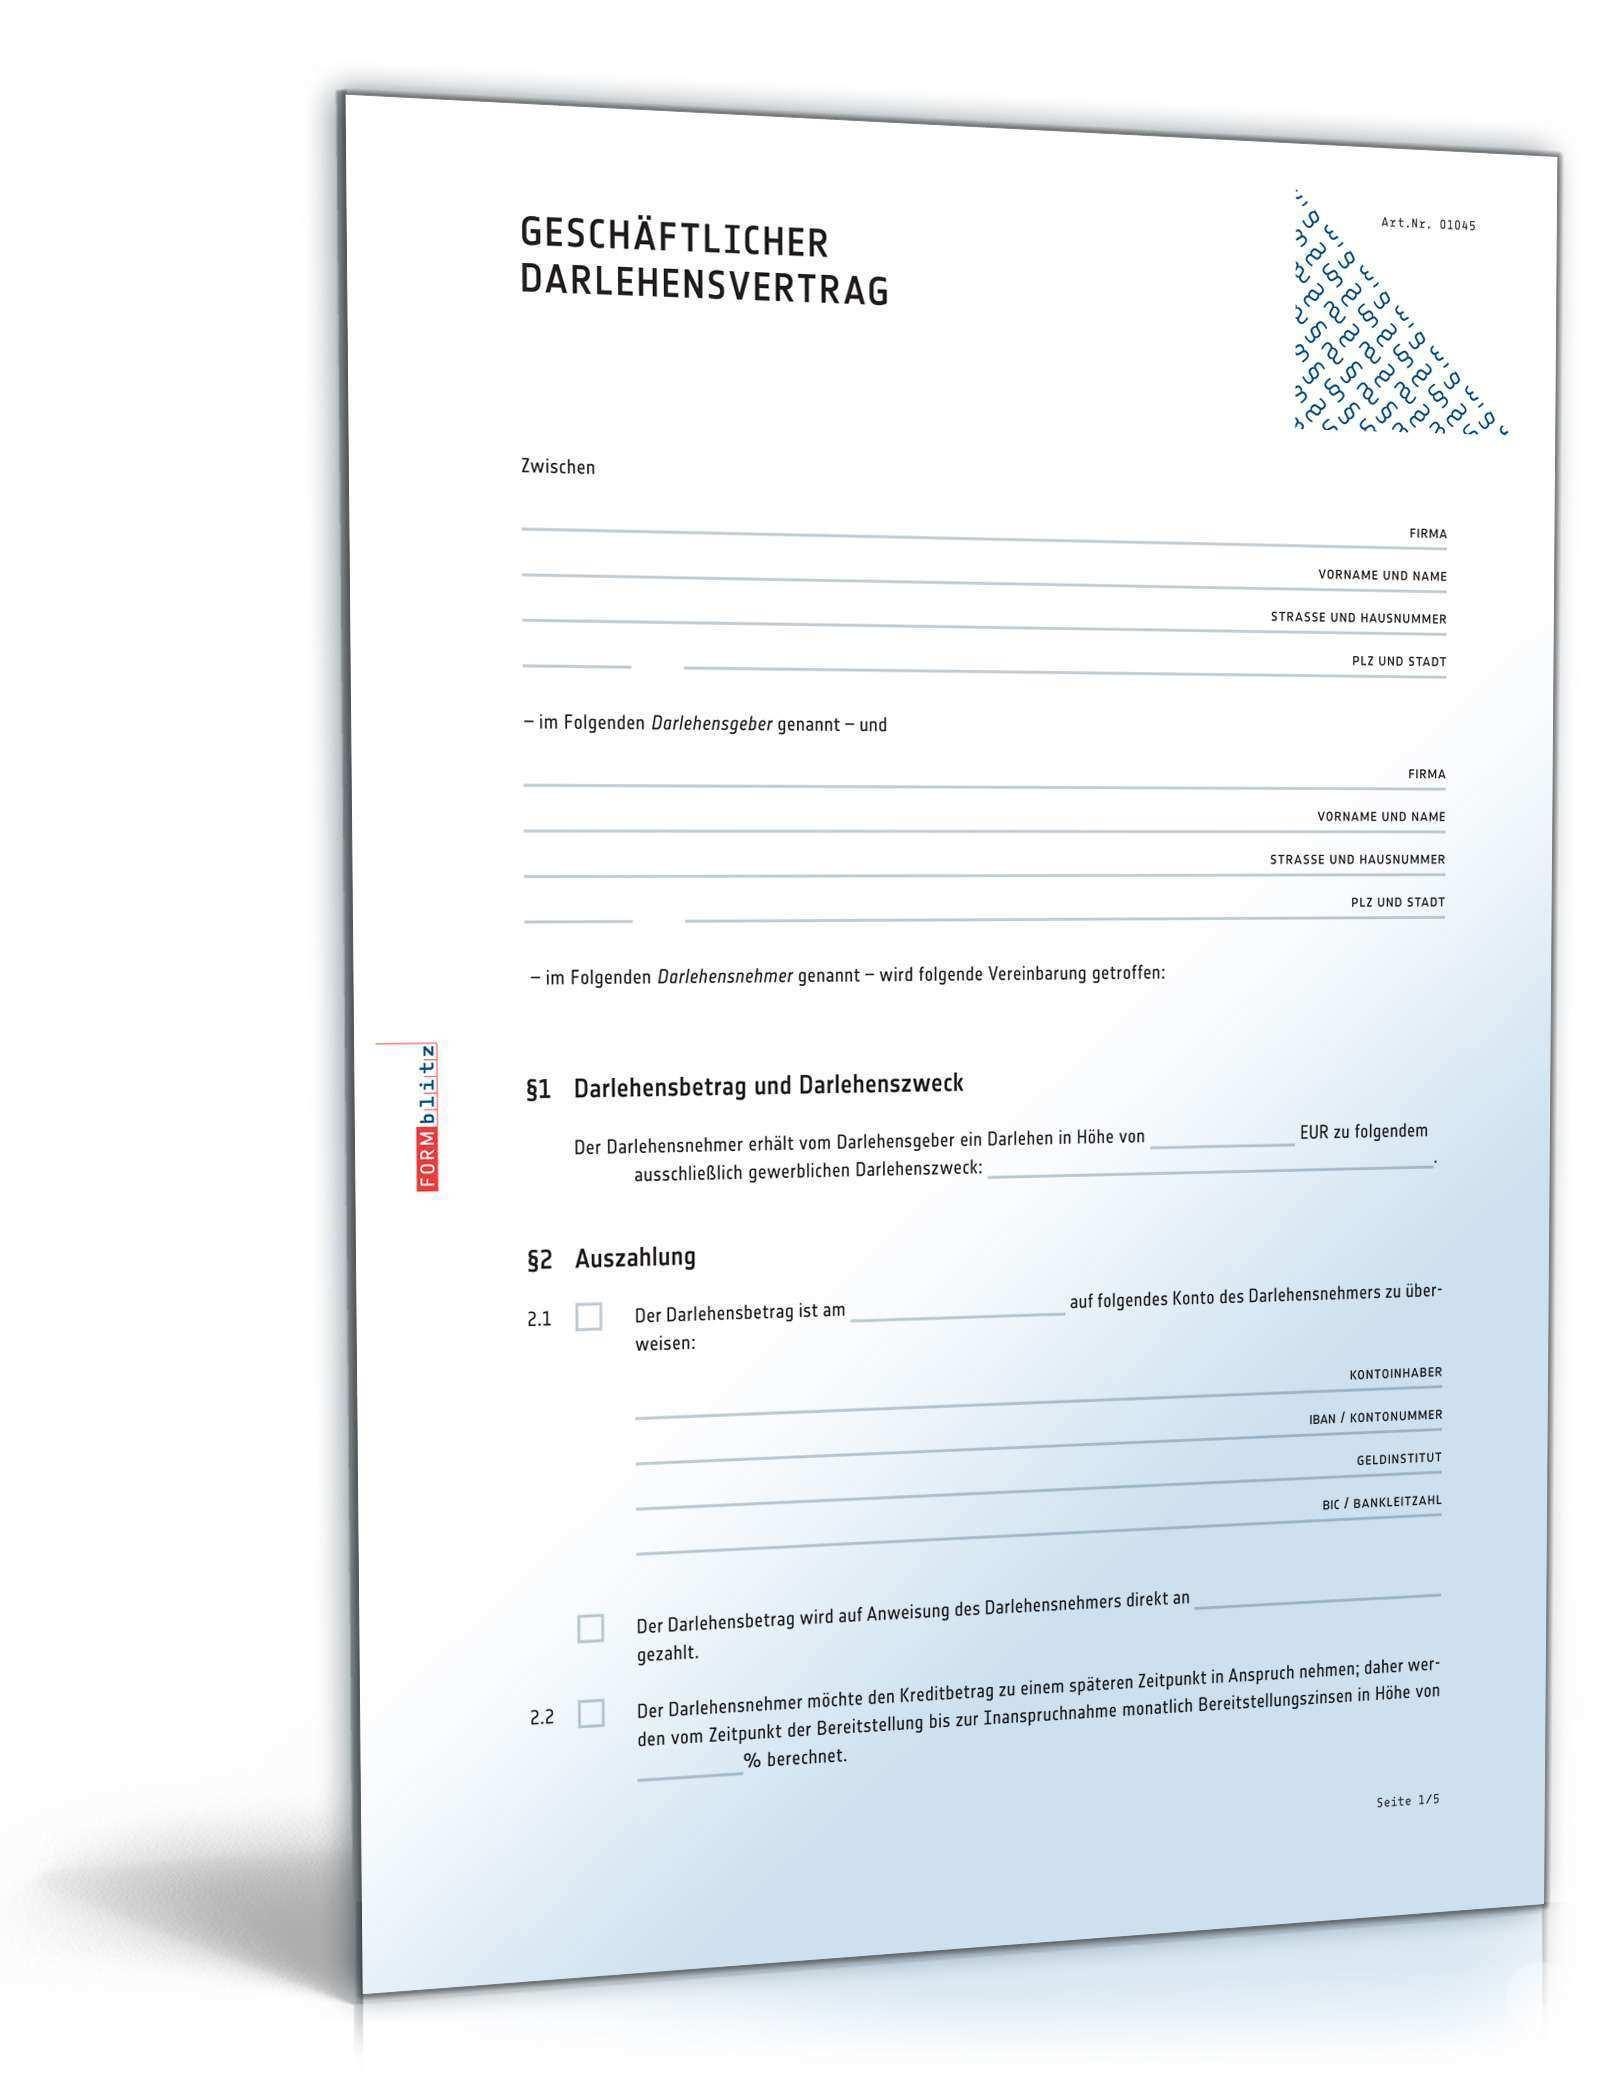 Das Grosse Darlehens Kredit Paket Vorlagen Zum Download